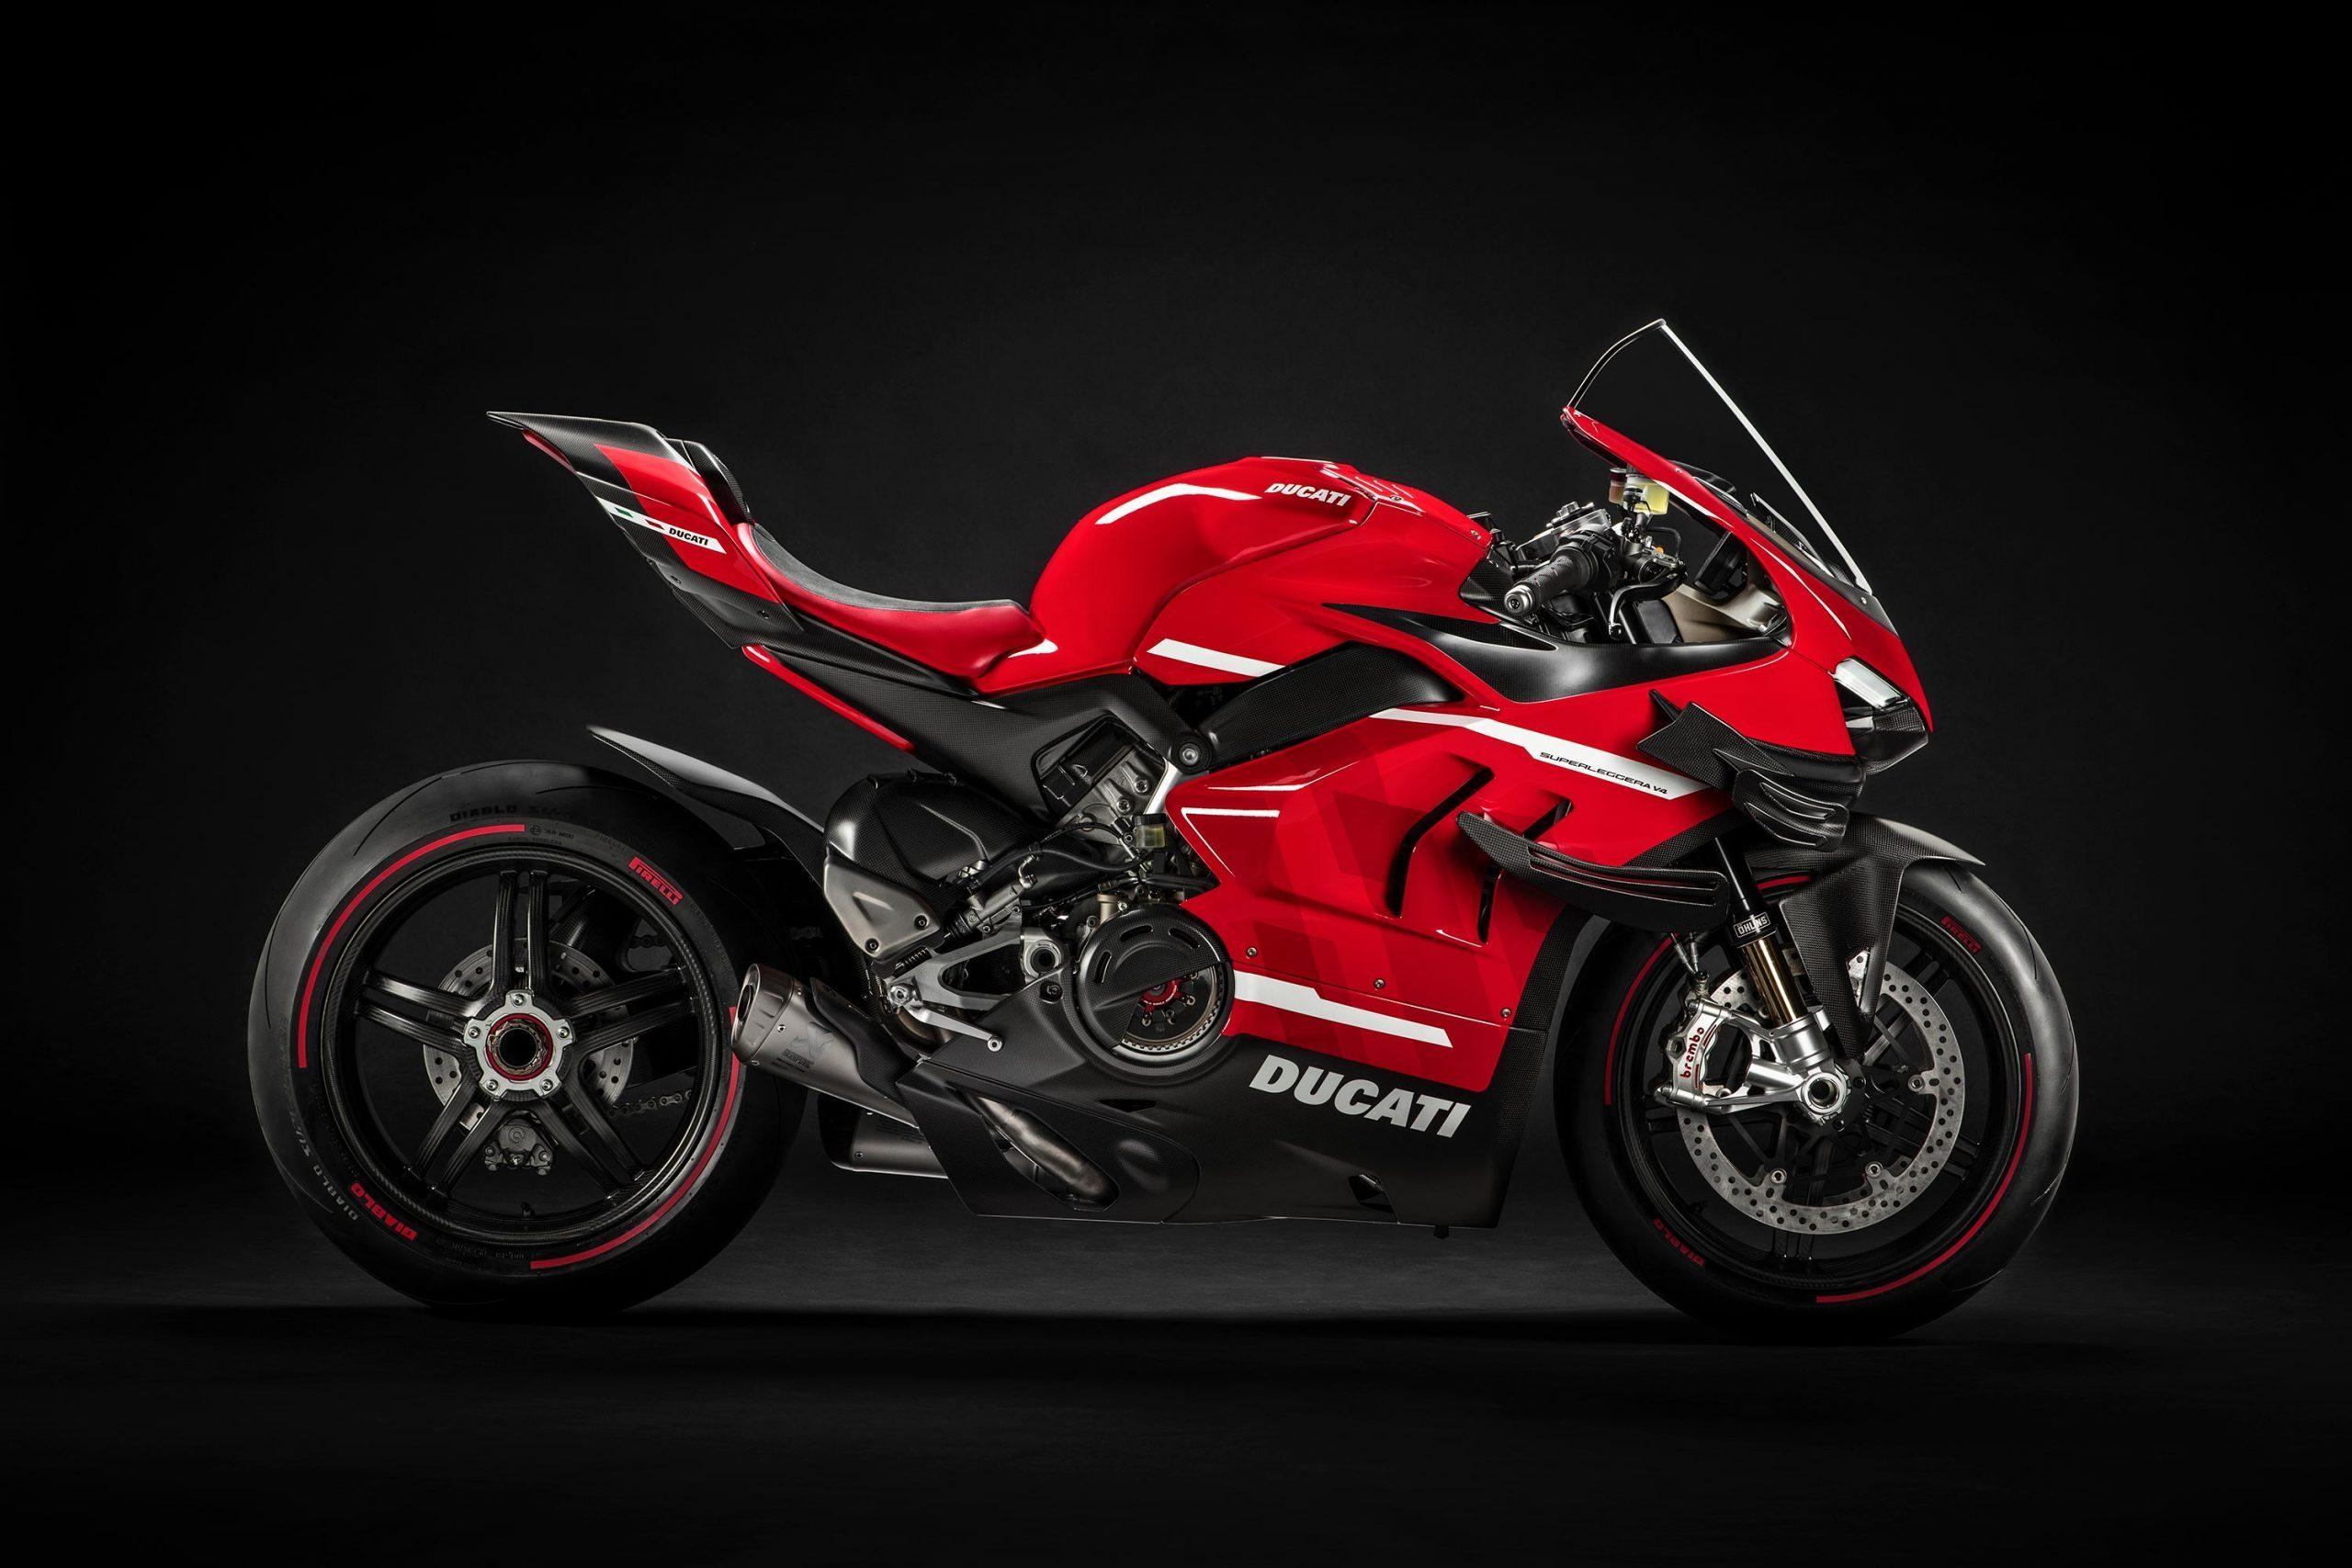 Ducati v4 superleggera studio shot